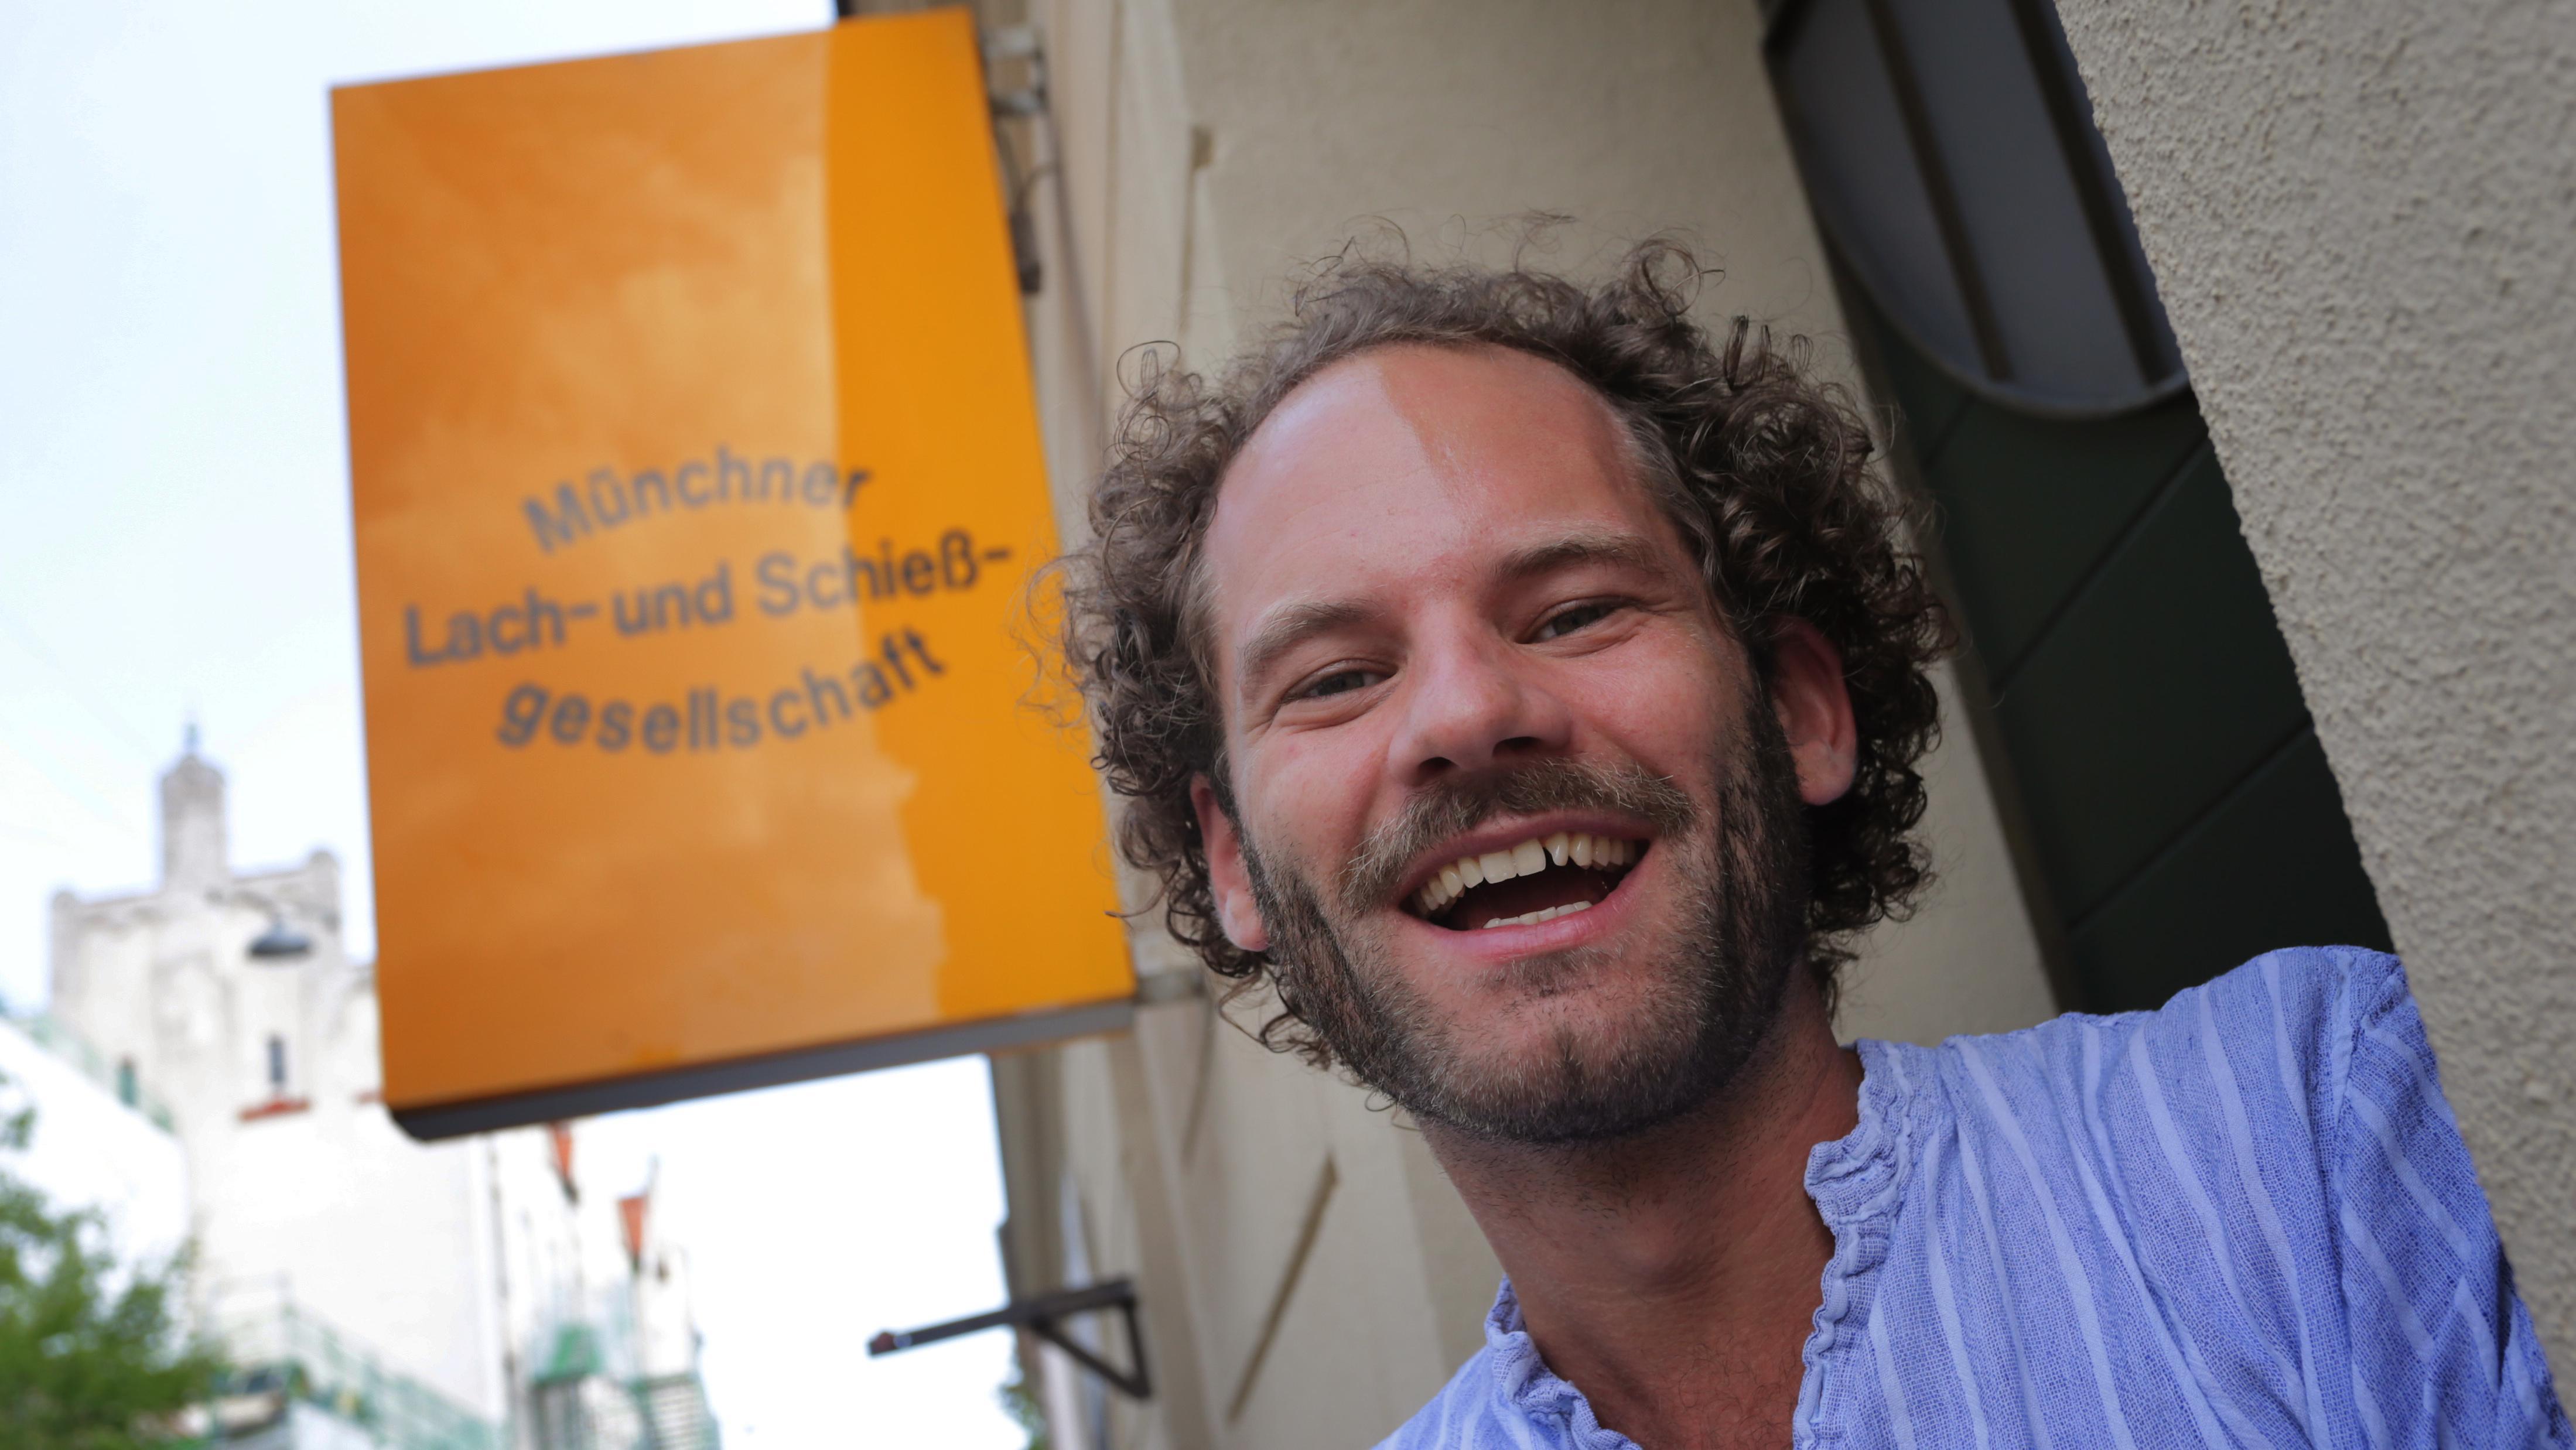 Maxi Schafroth vor der Münchner Lach- und Schießgesellschaft